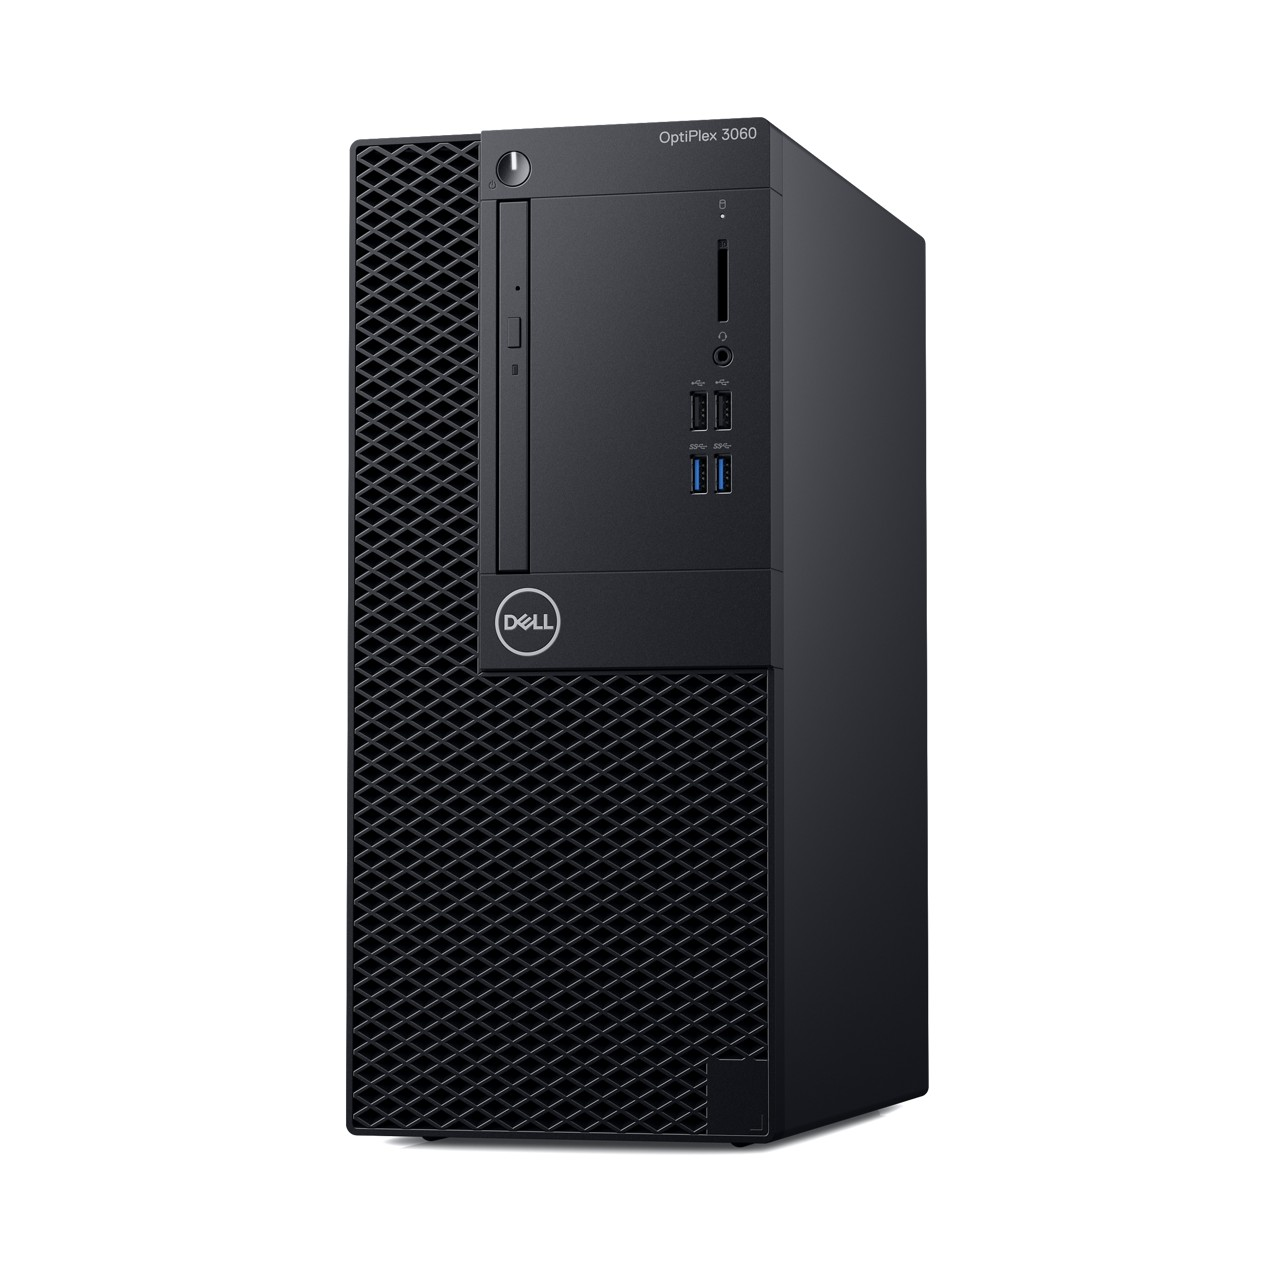 Dell: Neue Optiplex-Systeme in drei Größen und mit Dual-GPUs - Optiplex 3060 Midi-Tower (Bild: Dell)